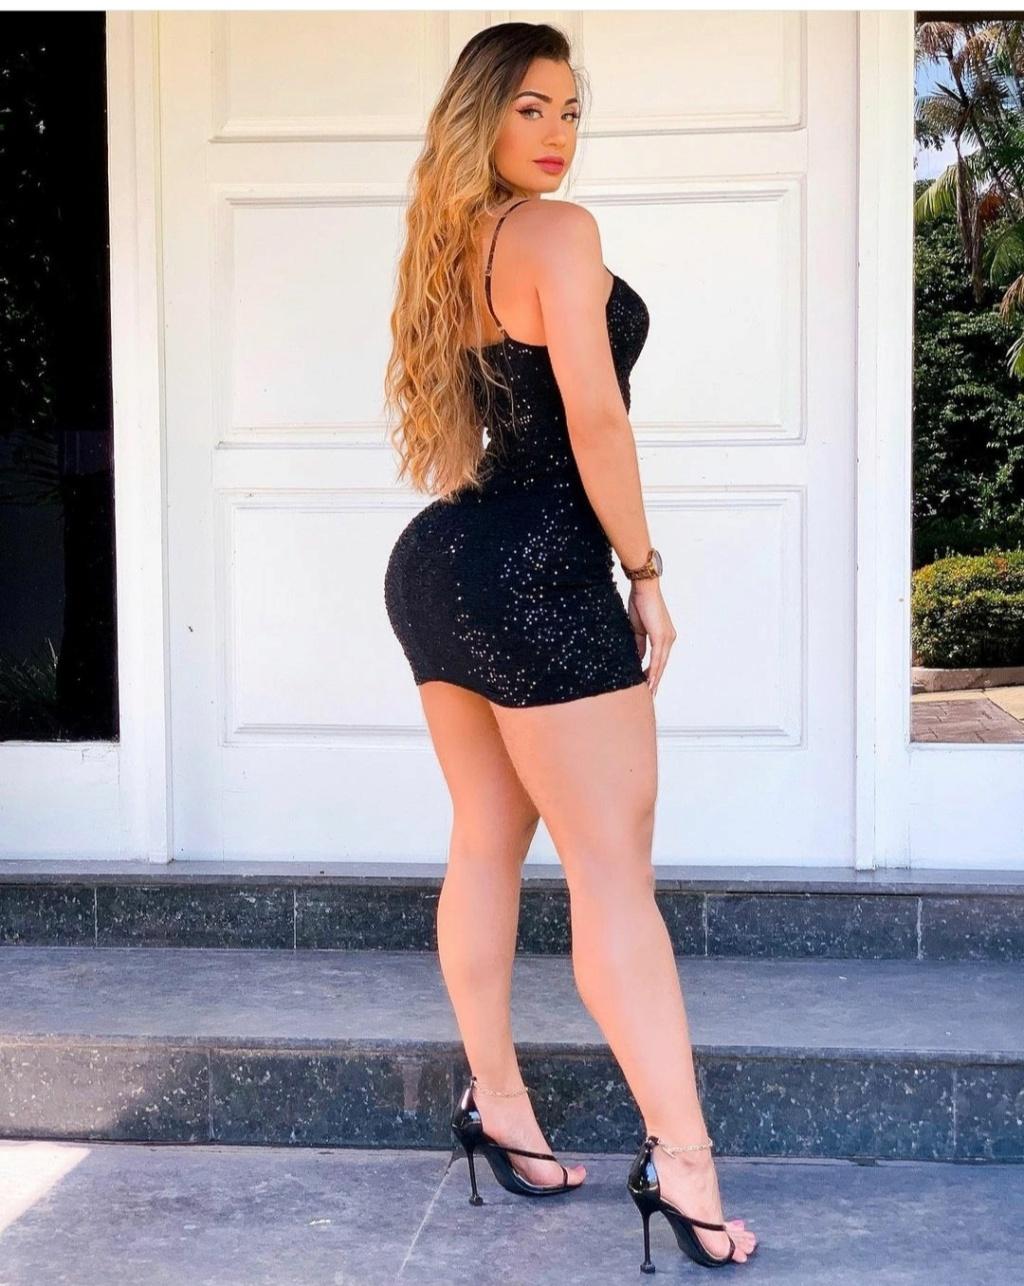 DEBATE sobre belleza, guapura y hermosura (fotos de chicas latinas, mestizas, y de todo) - VOL II - Página 2 Img_1051